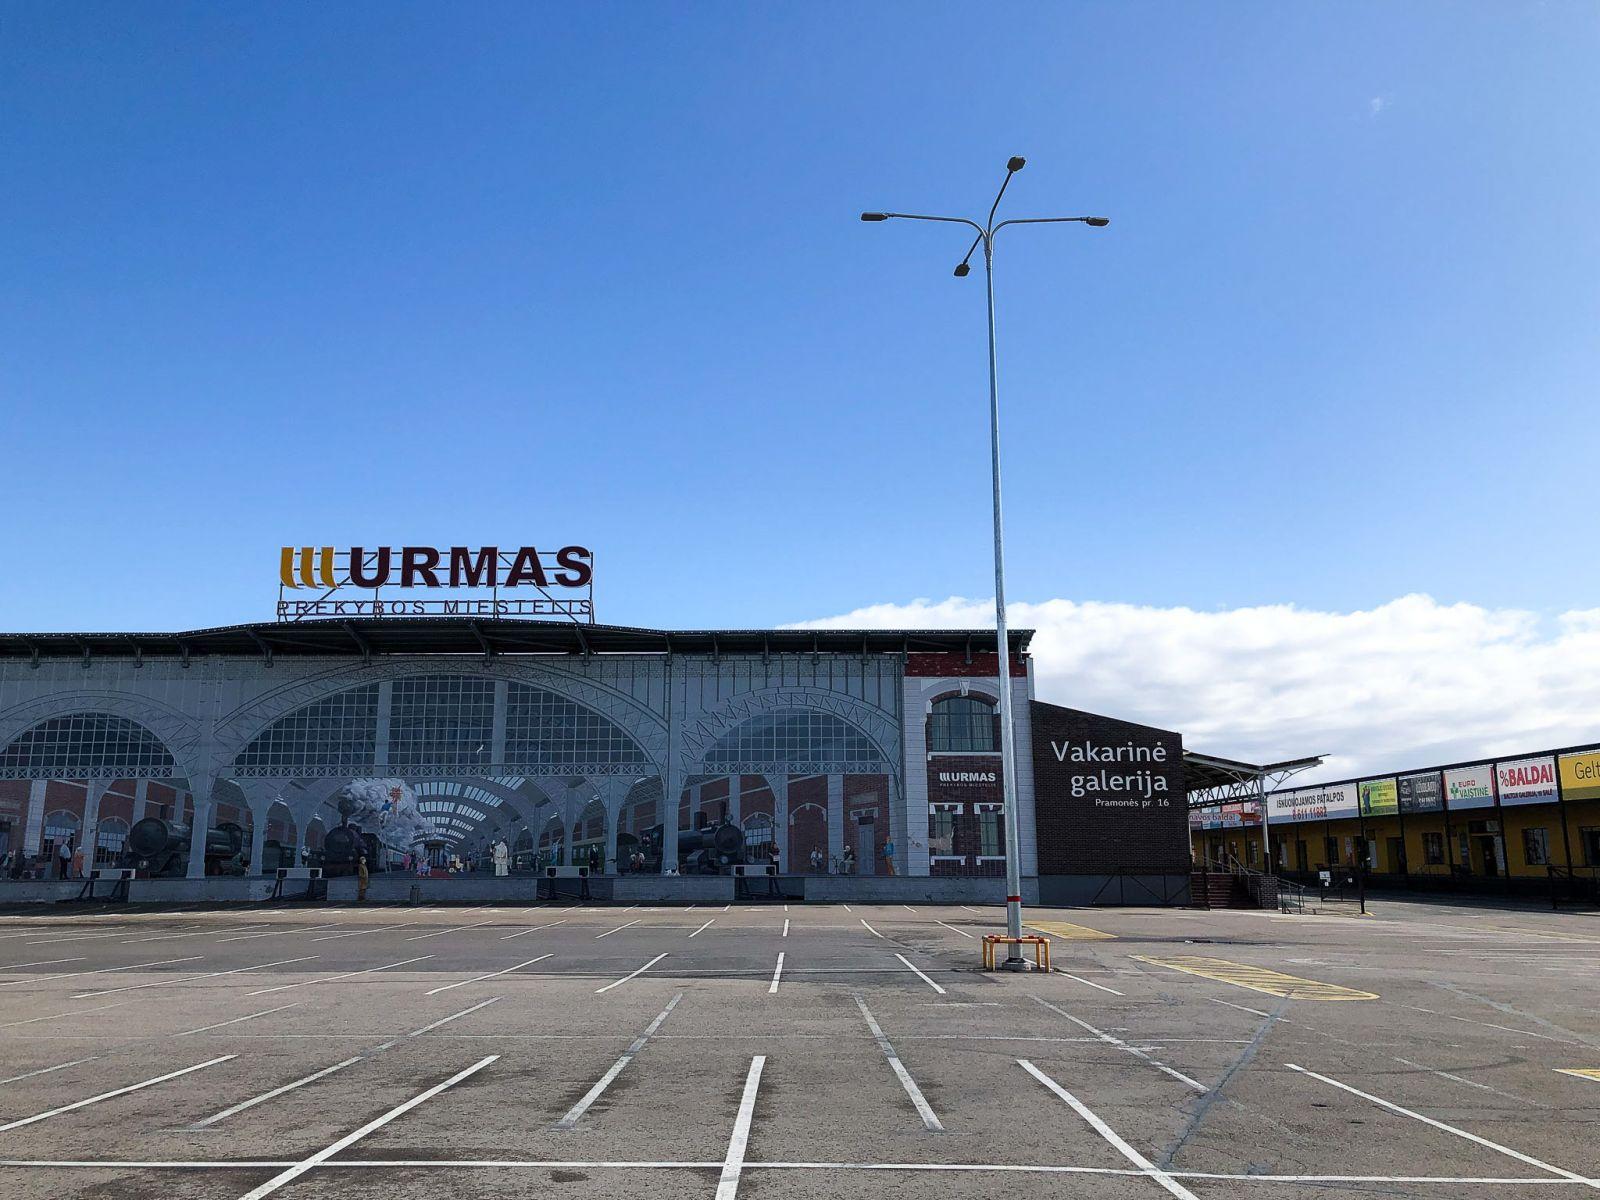 Urmas Kaunas